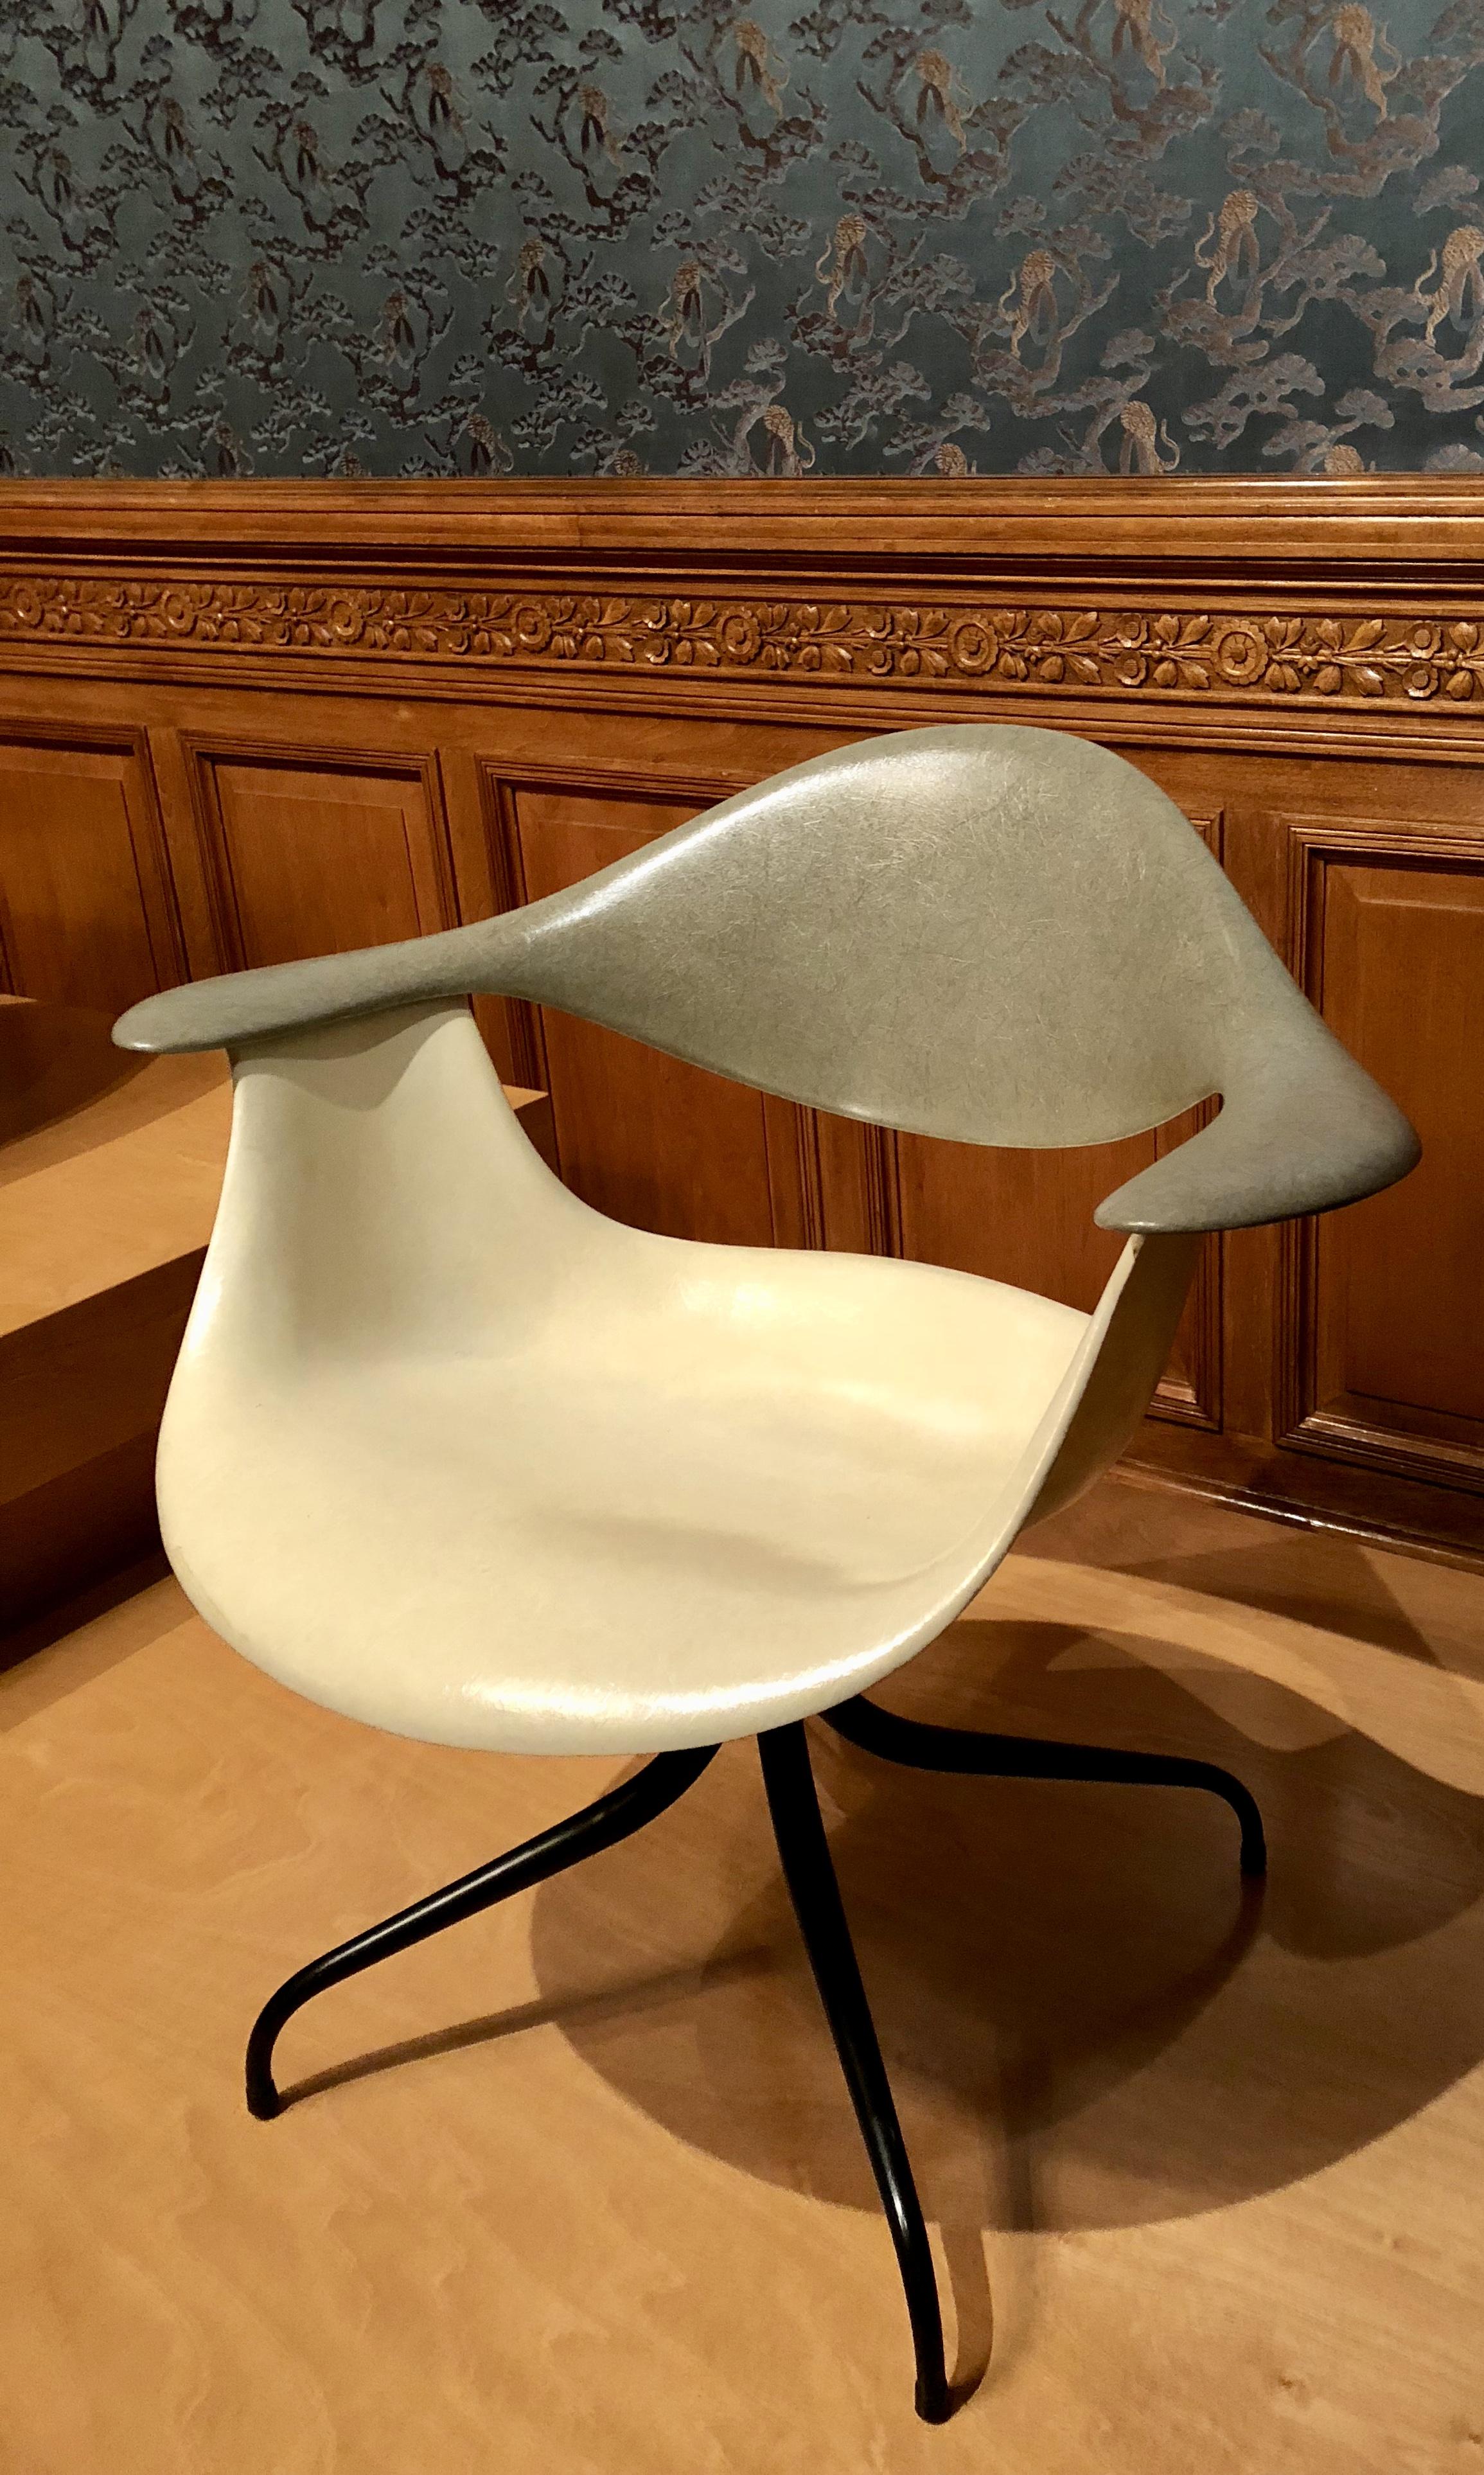 fulliunpatterned-driehaus-chair-9.jpg